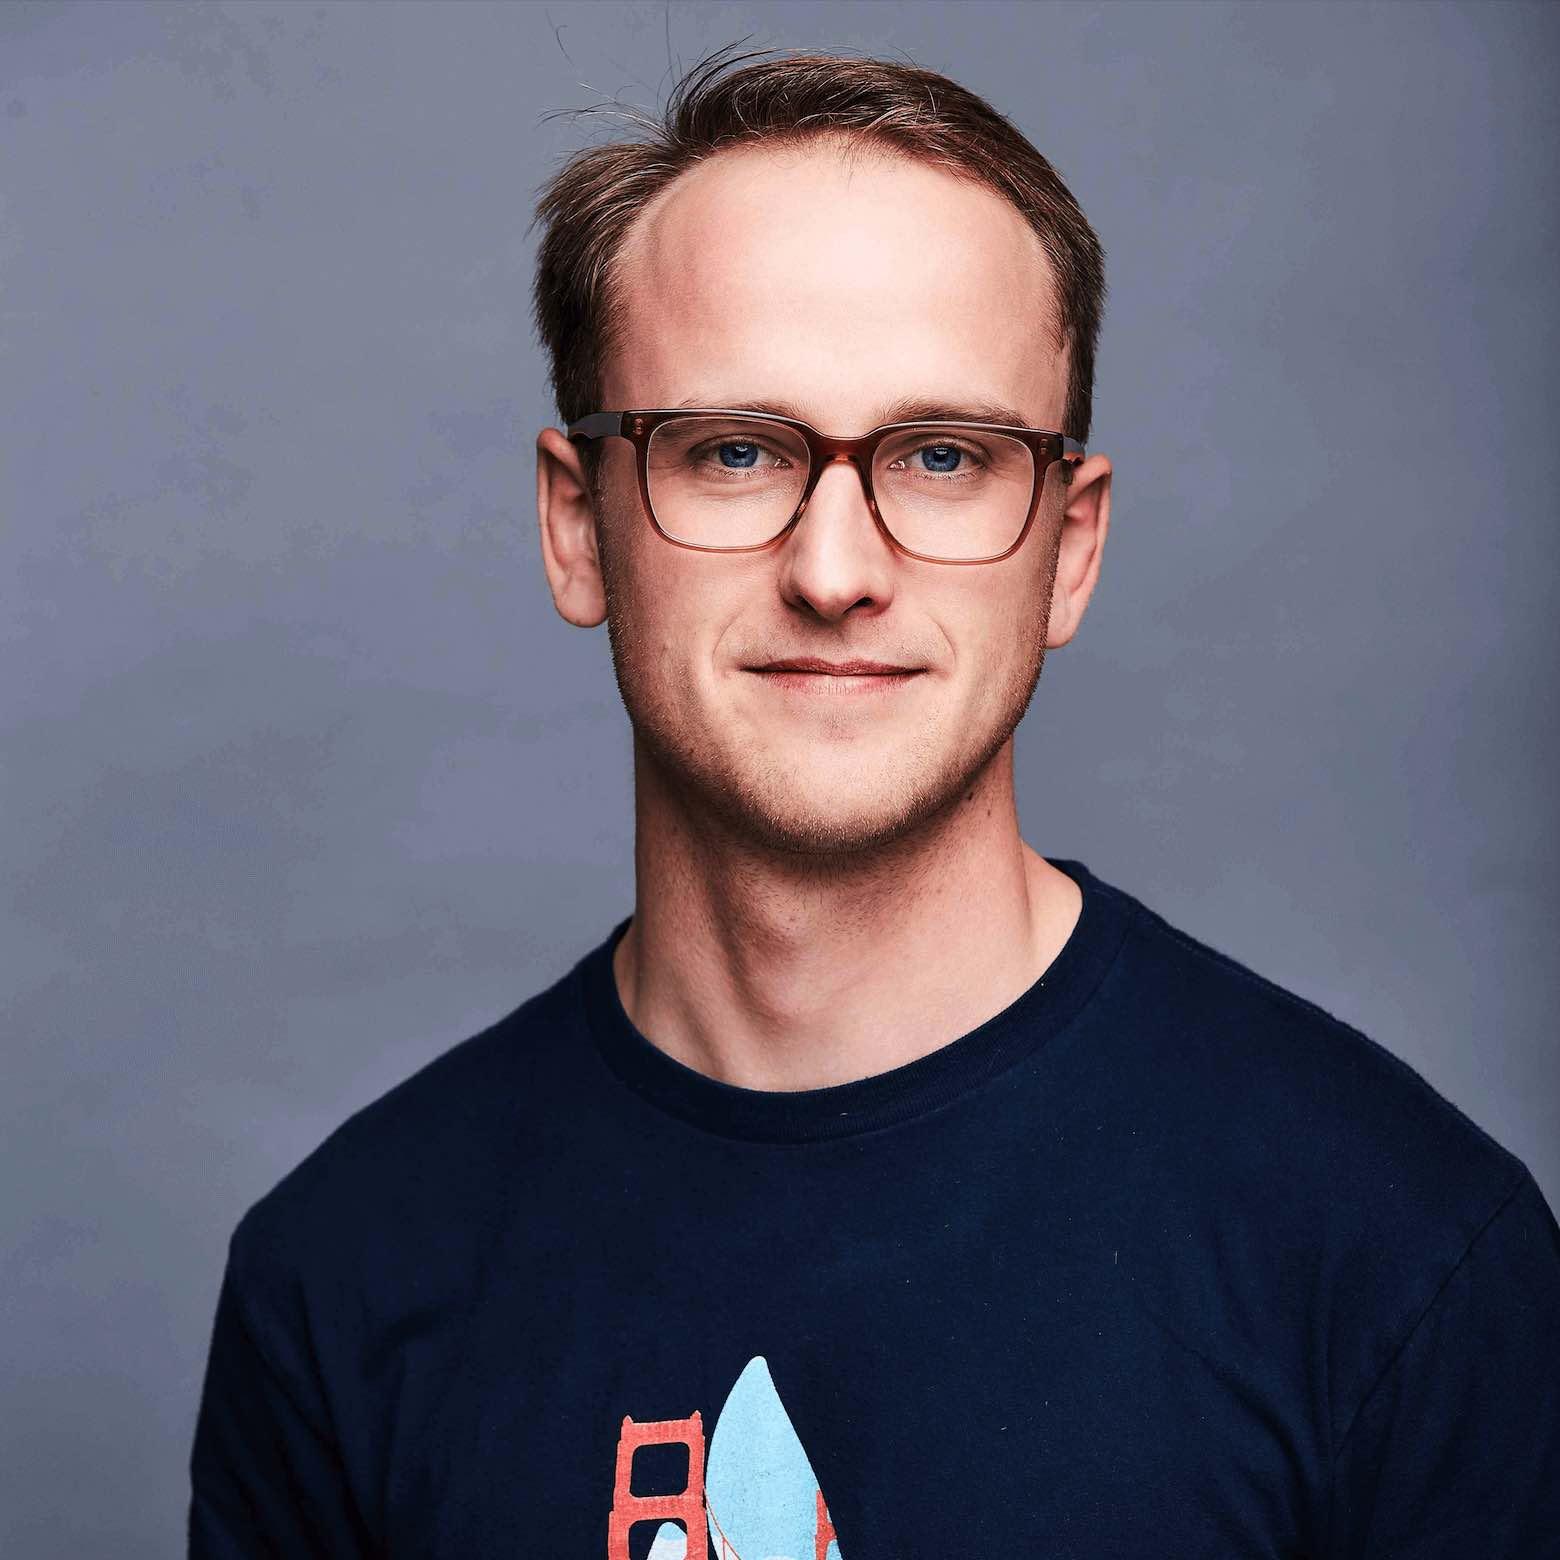 Max Rehkopf の顔写真